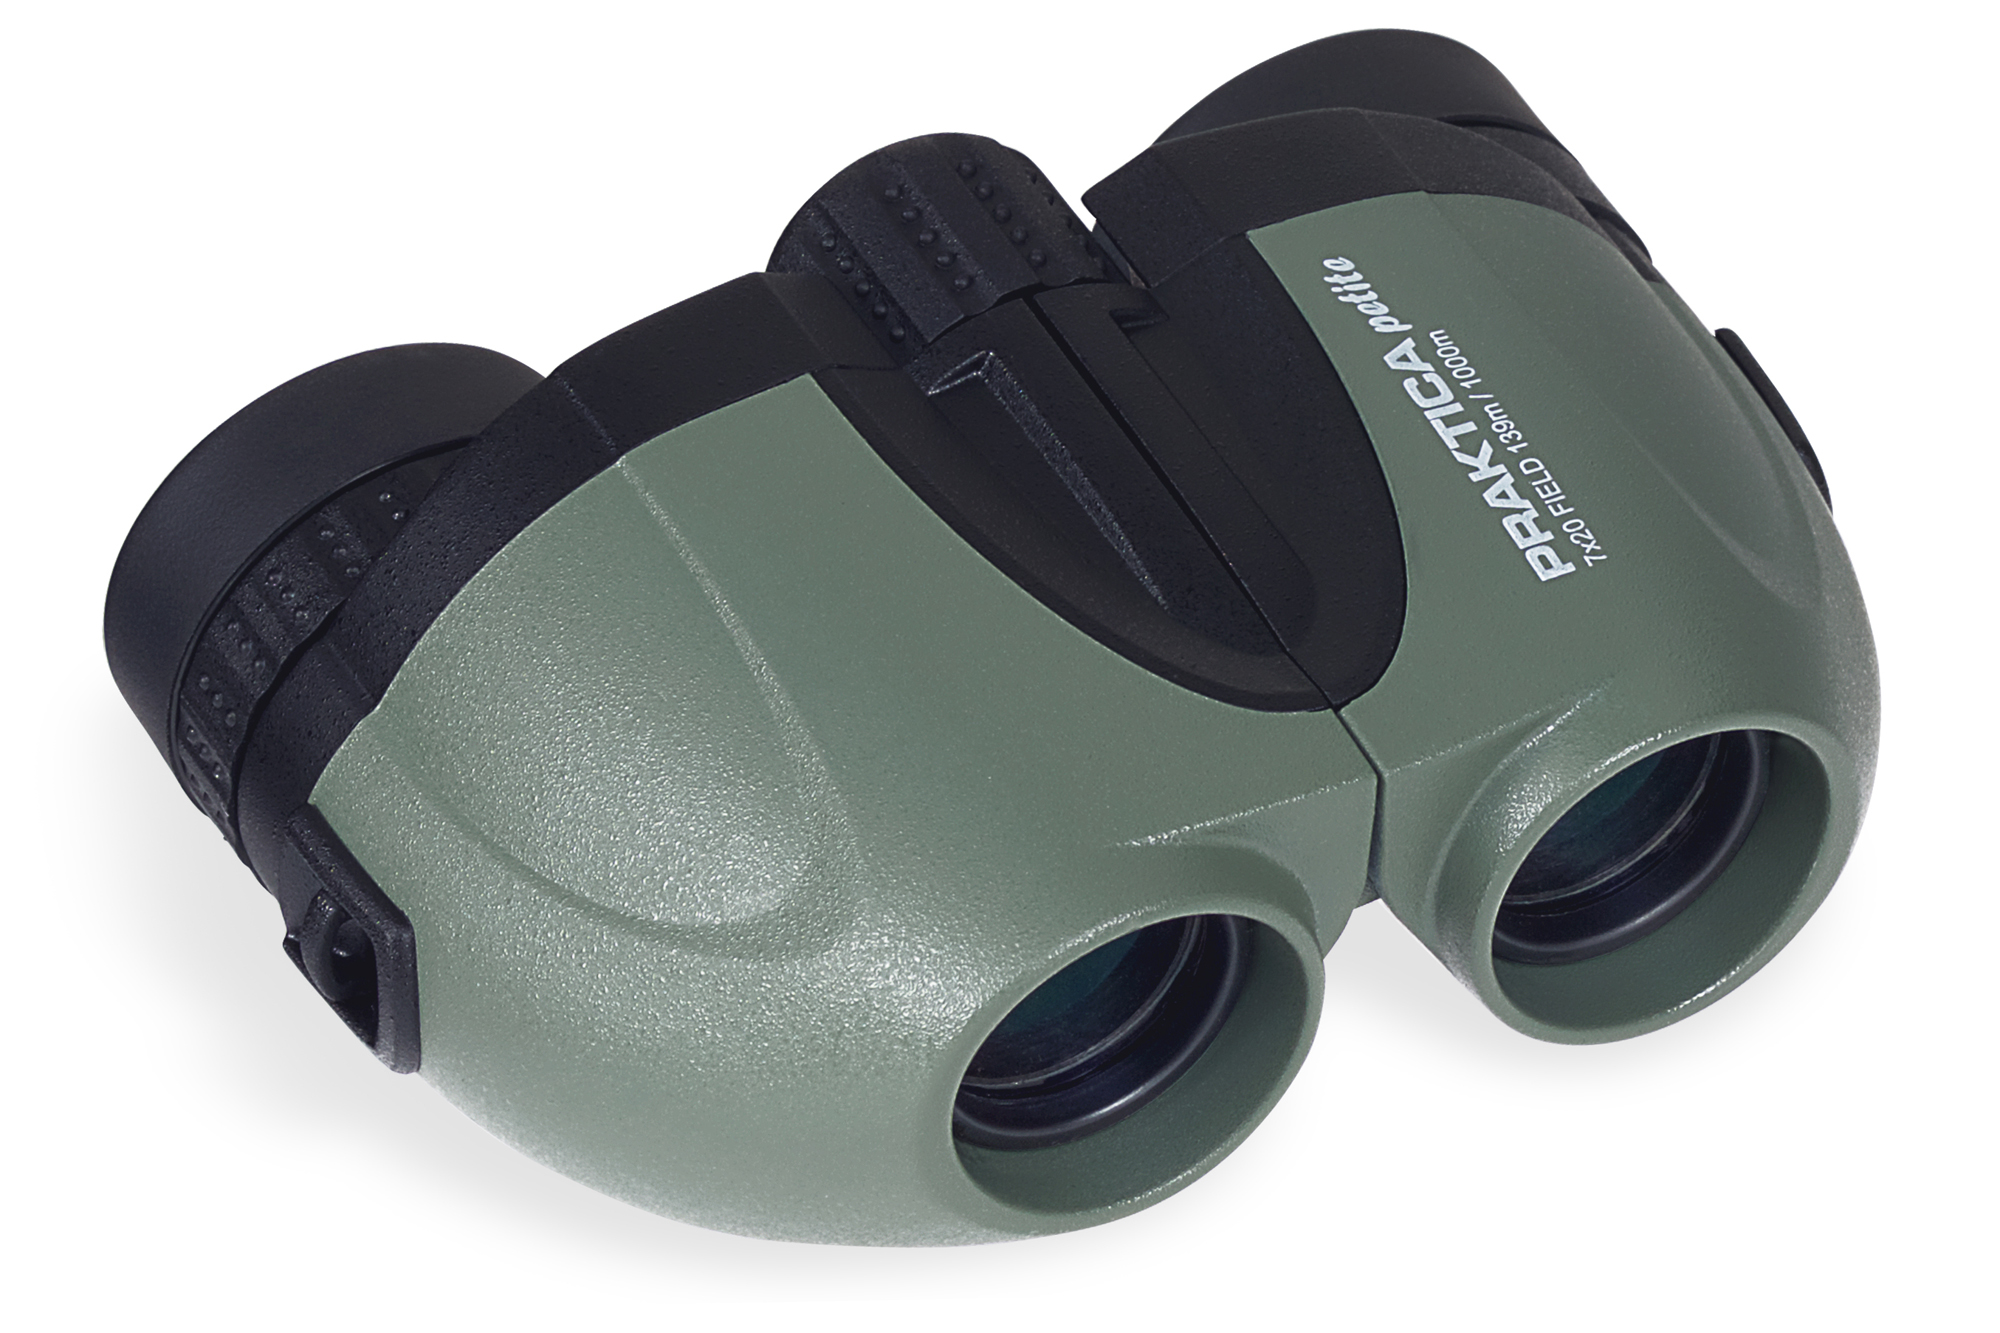 Praktica petite 7x20mm binoculars green u390720 g £42.90 london